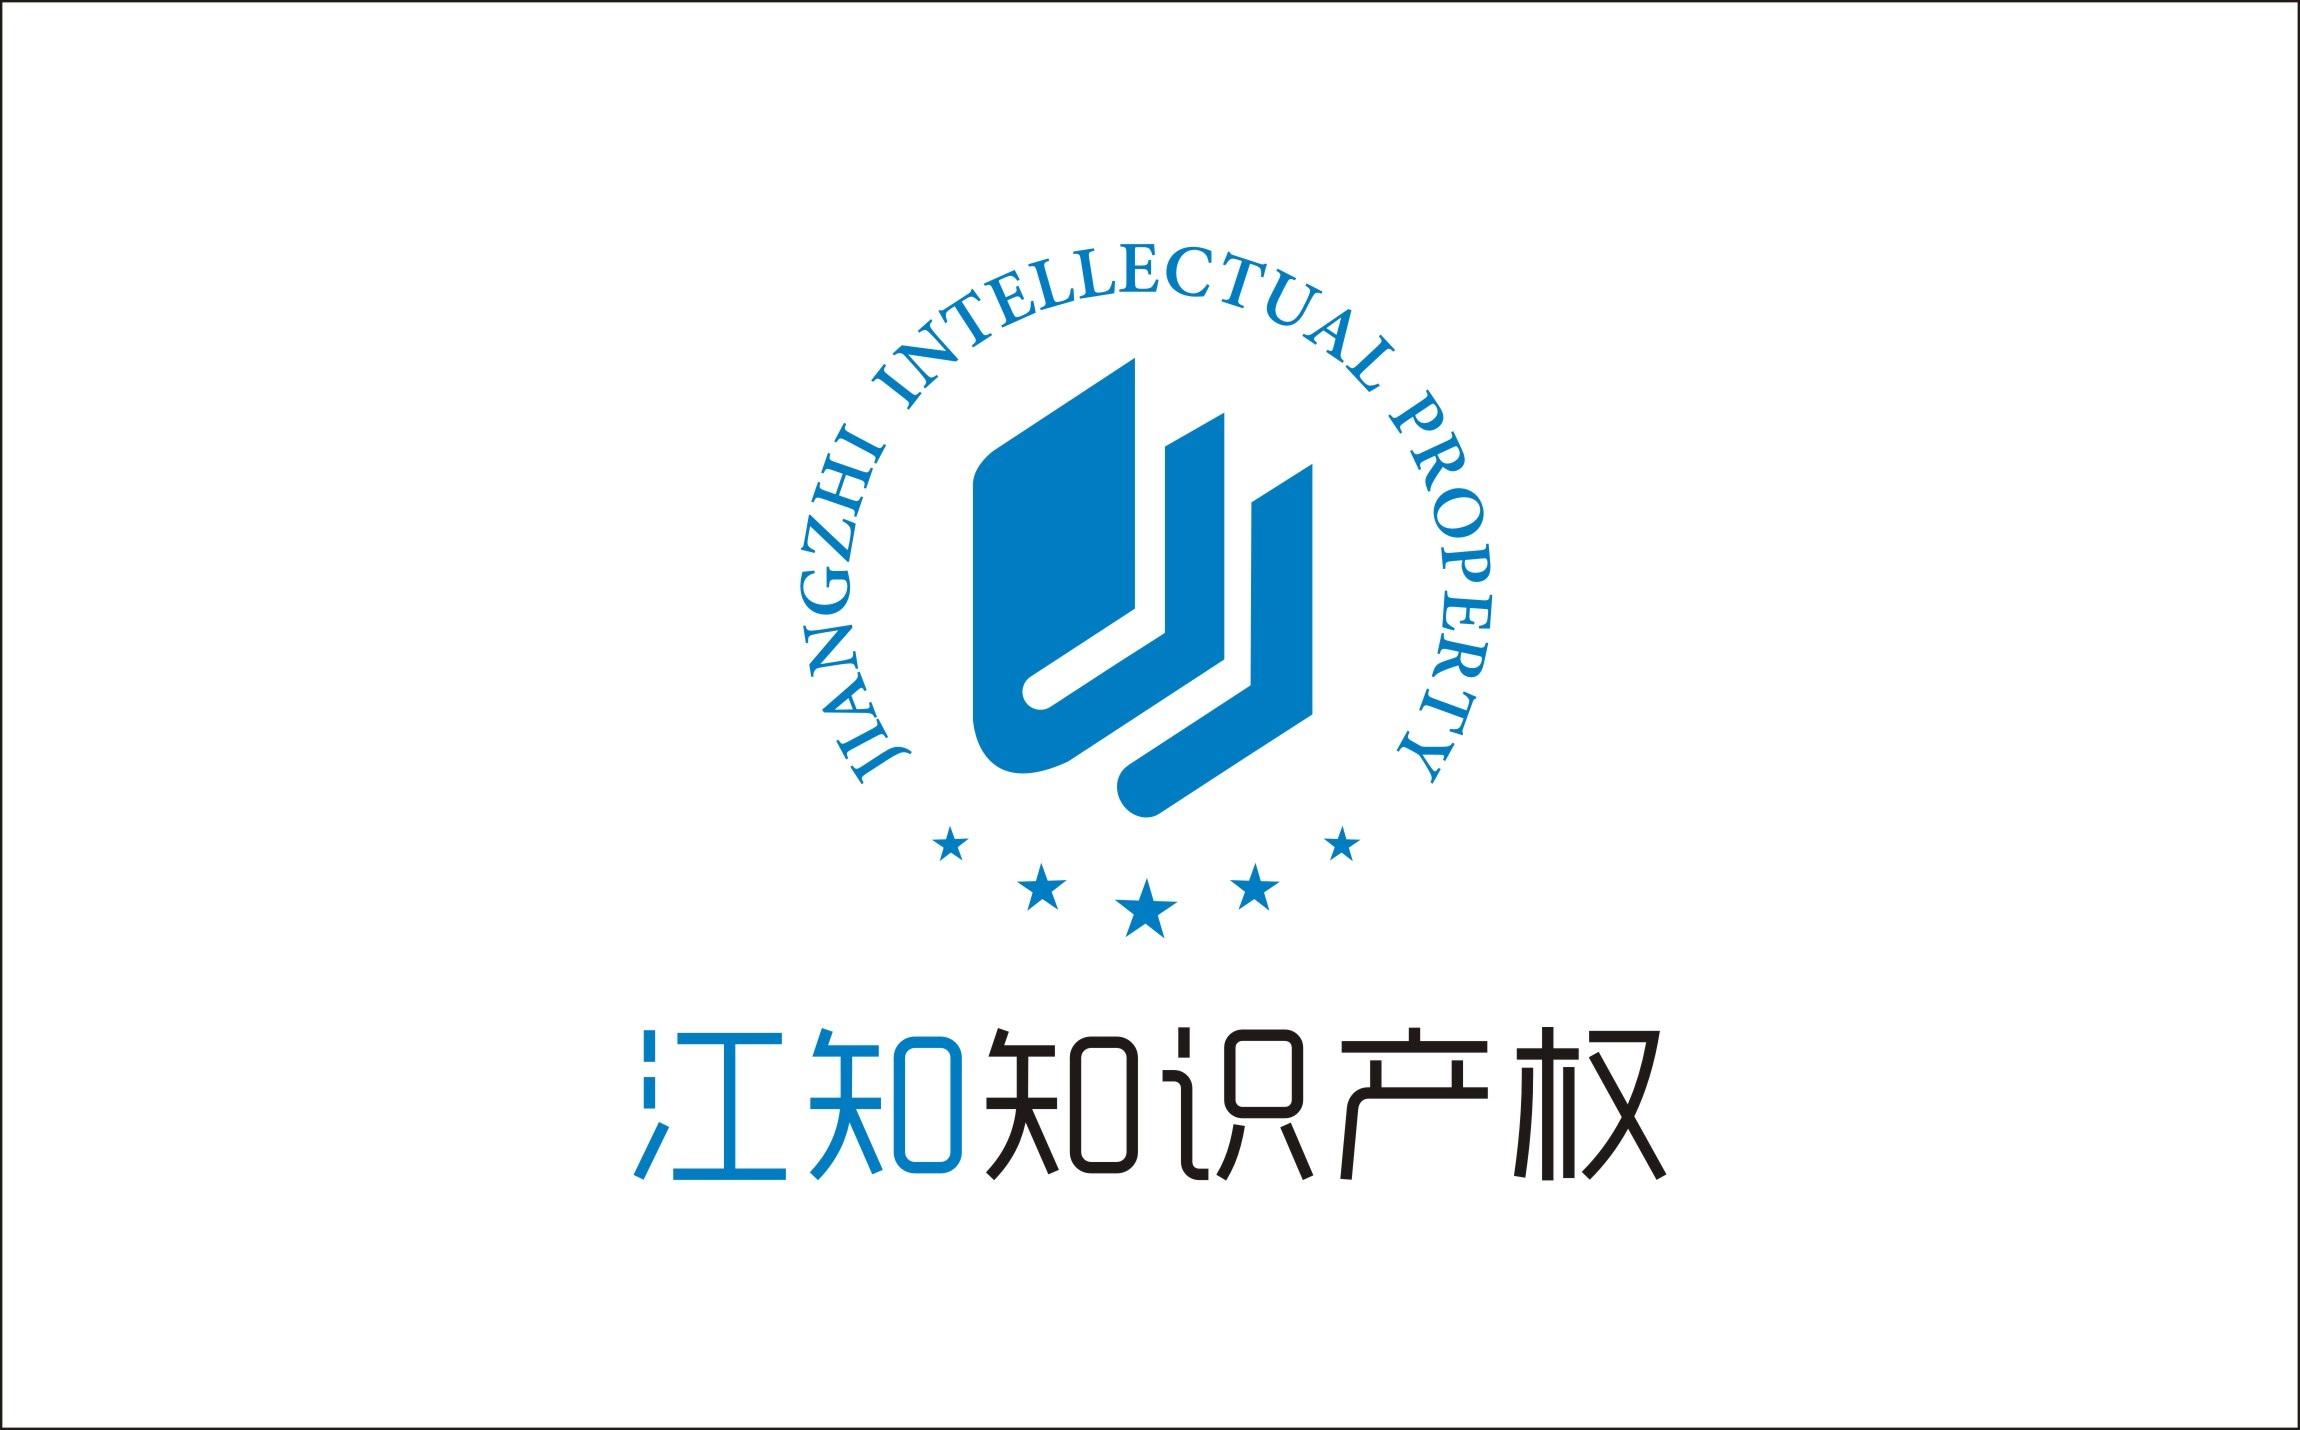 江知(武汉)知识产权服务有限公司